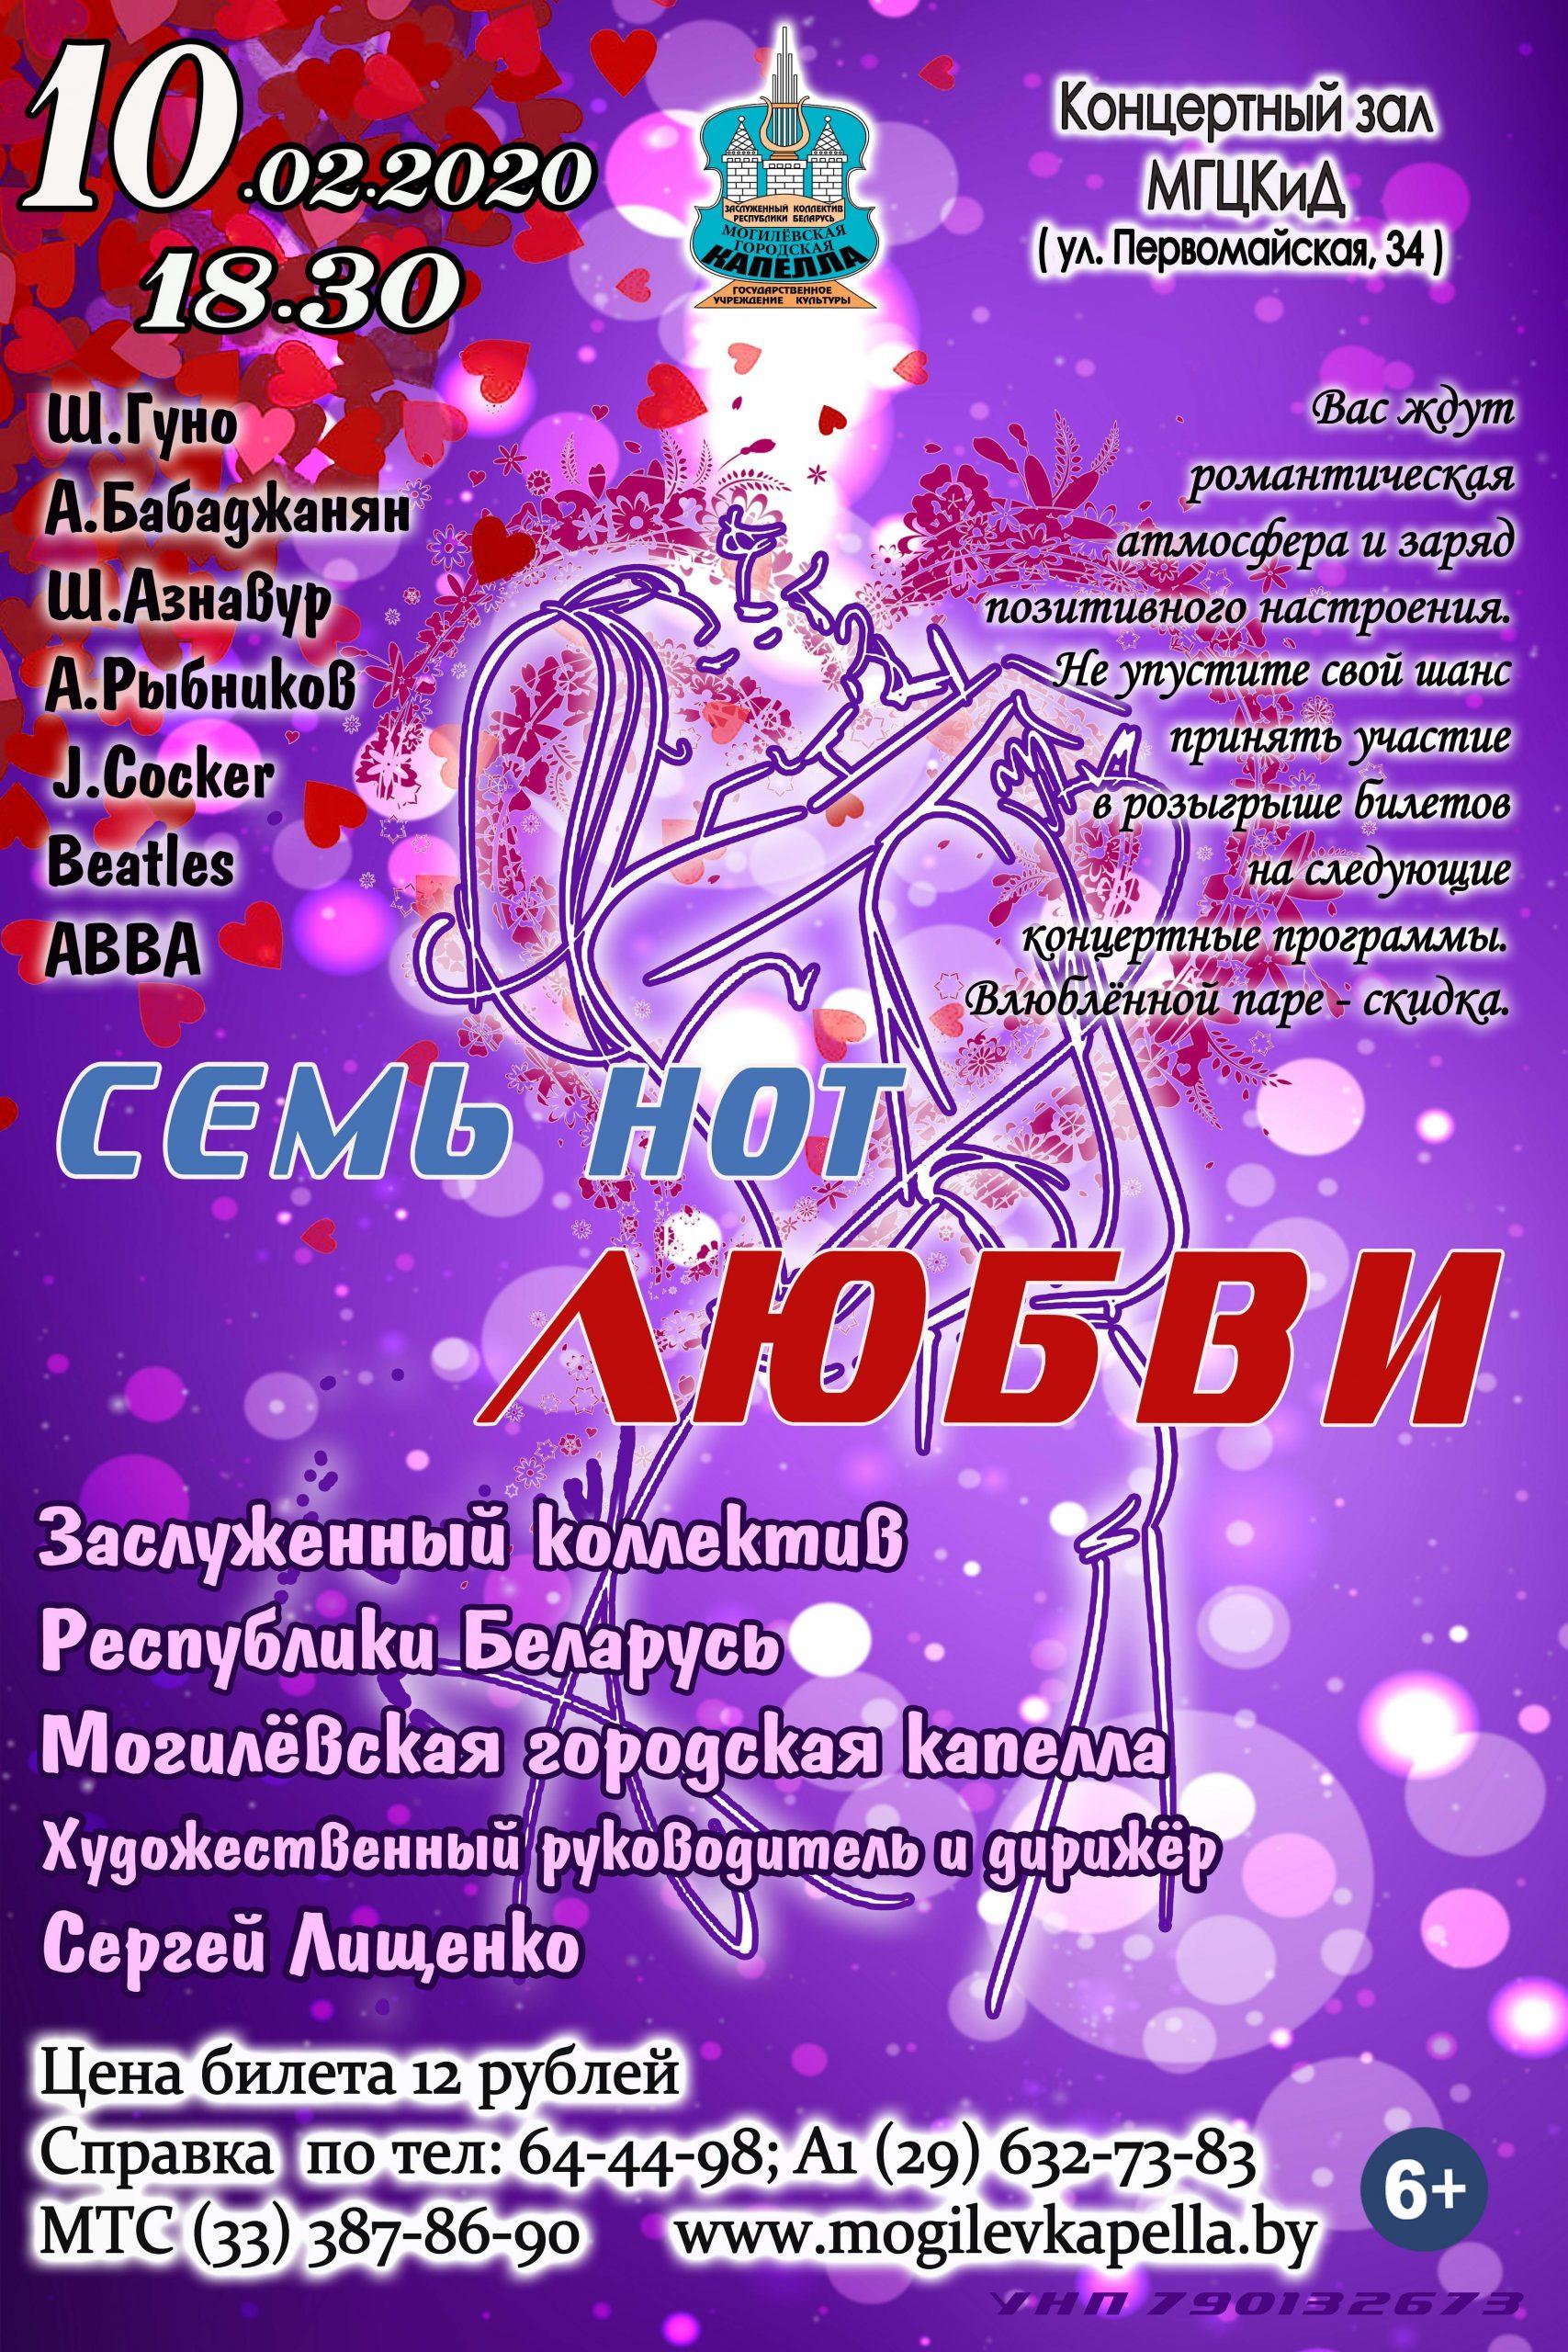 Выставка декоративно-прикладного искусства «Каляровая скарбонка» готовится коткрытию вМогилеве